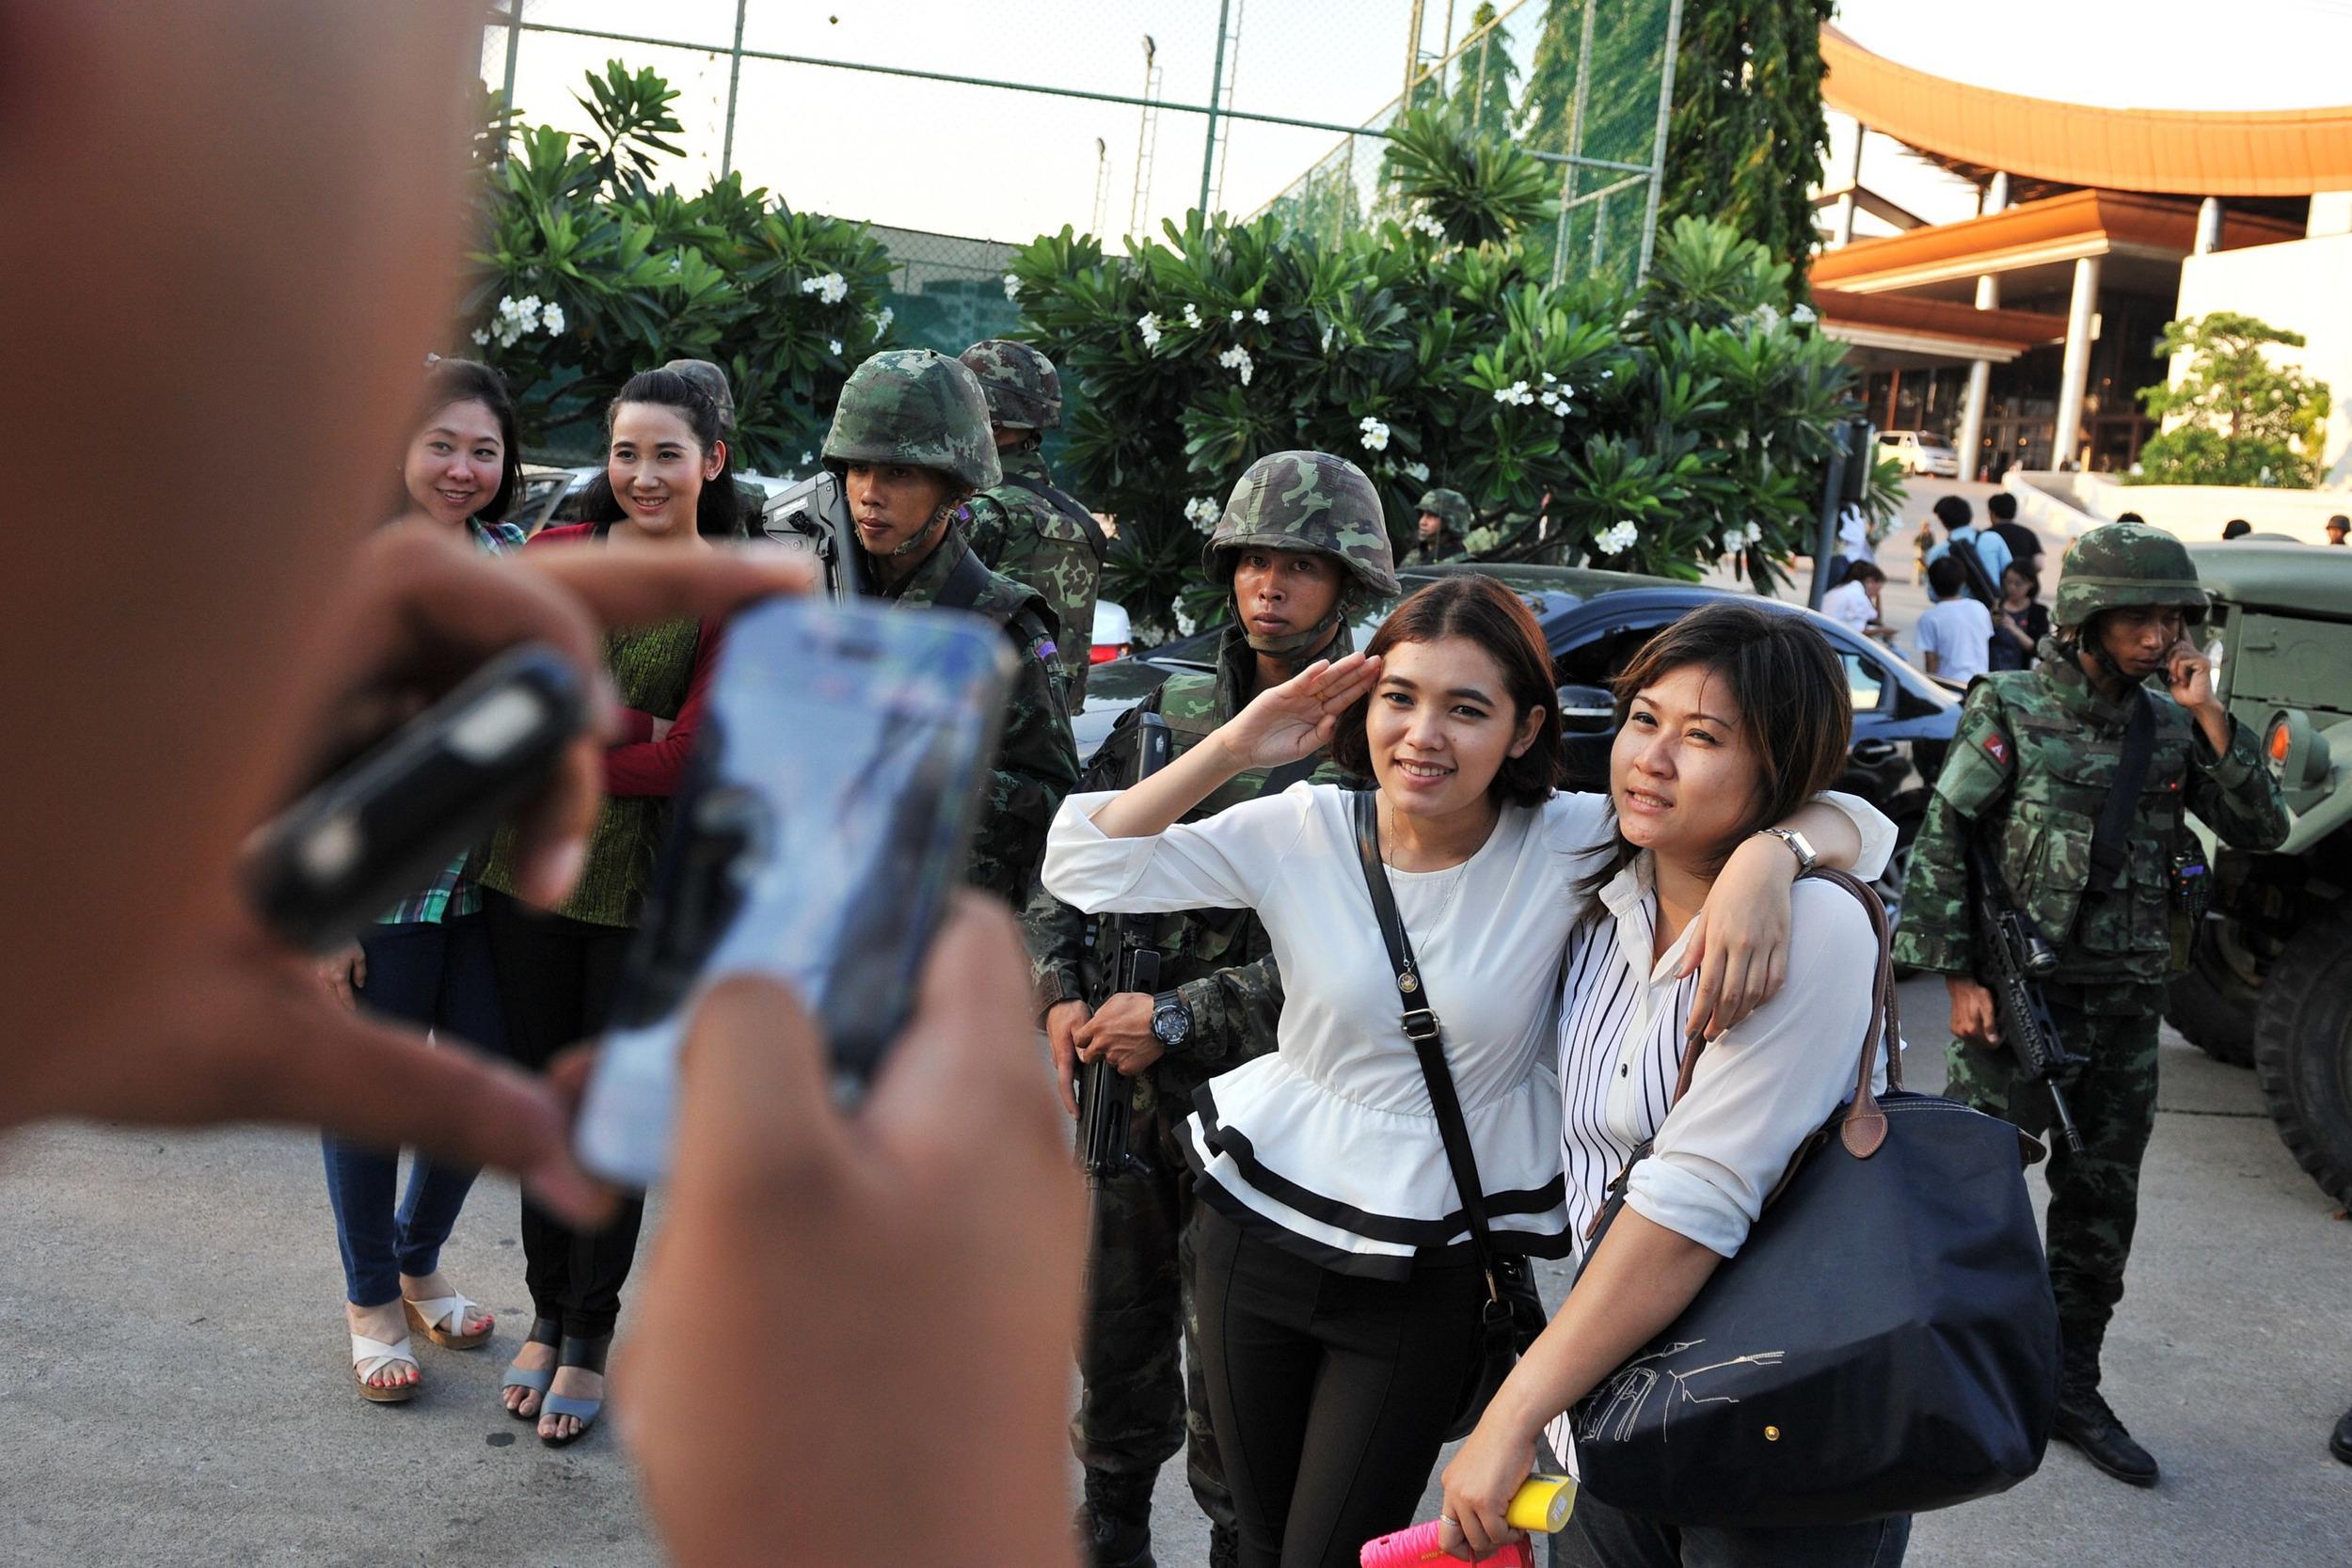 Image: Thailand Coup D'etat As Military Seize Control